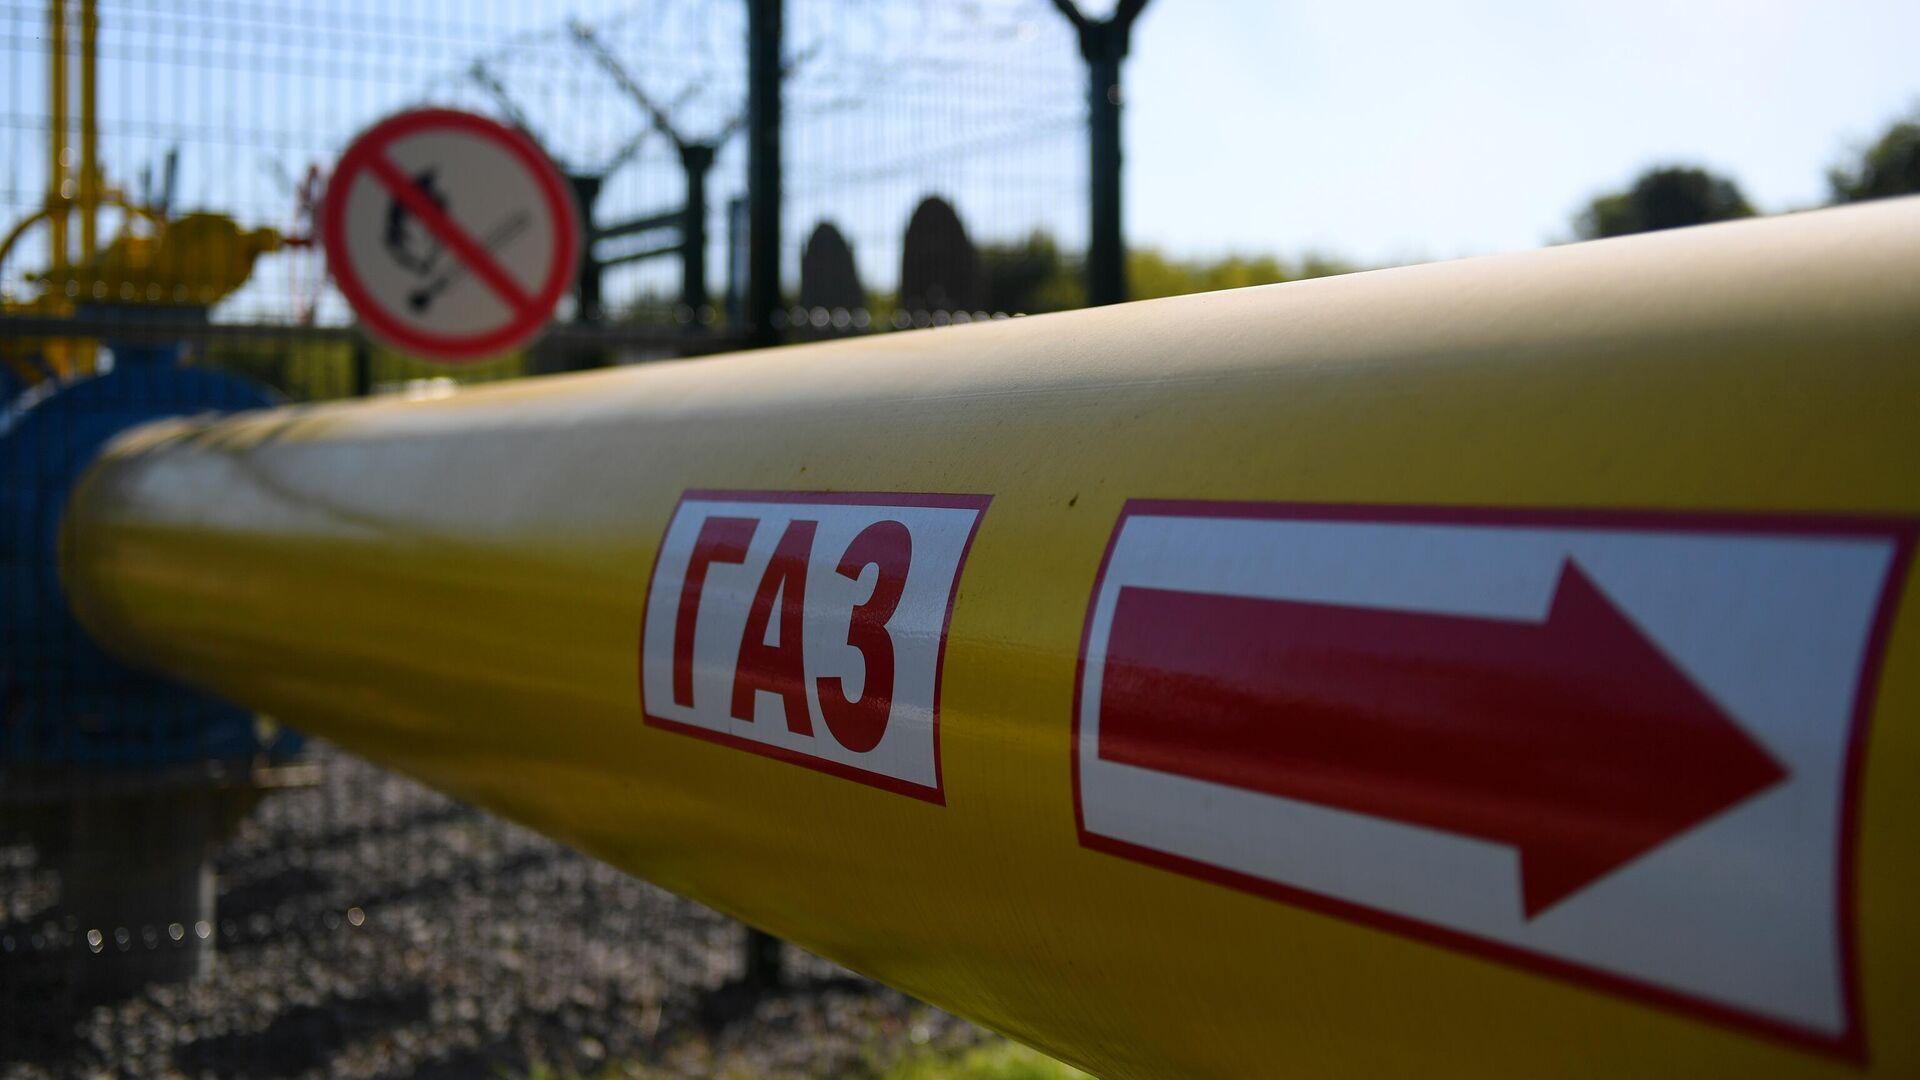 Газопровод высокого давления от ГРС №2 Елабуга Центральная - ПАО Нижнекамскнефтехим - РИА Новости, 1920, 28.09.2021